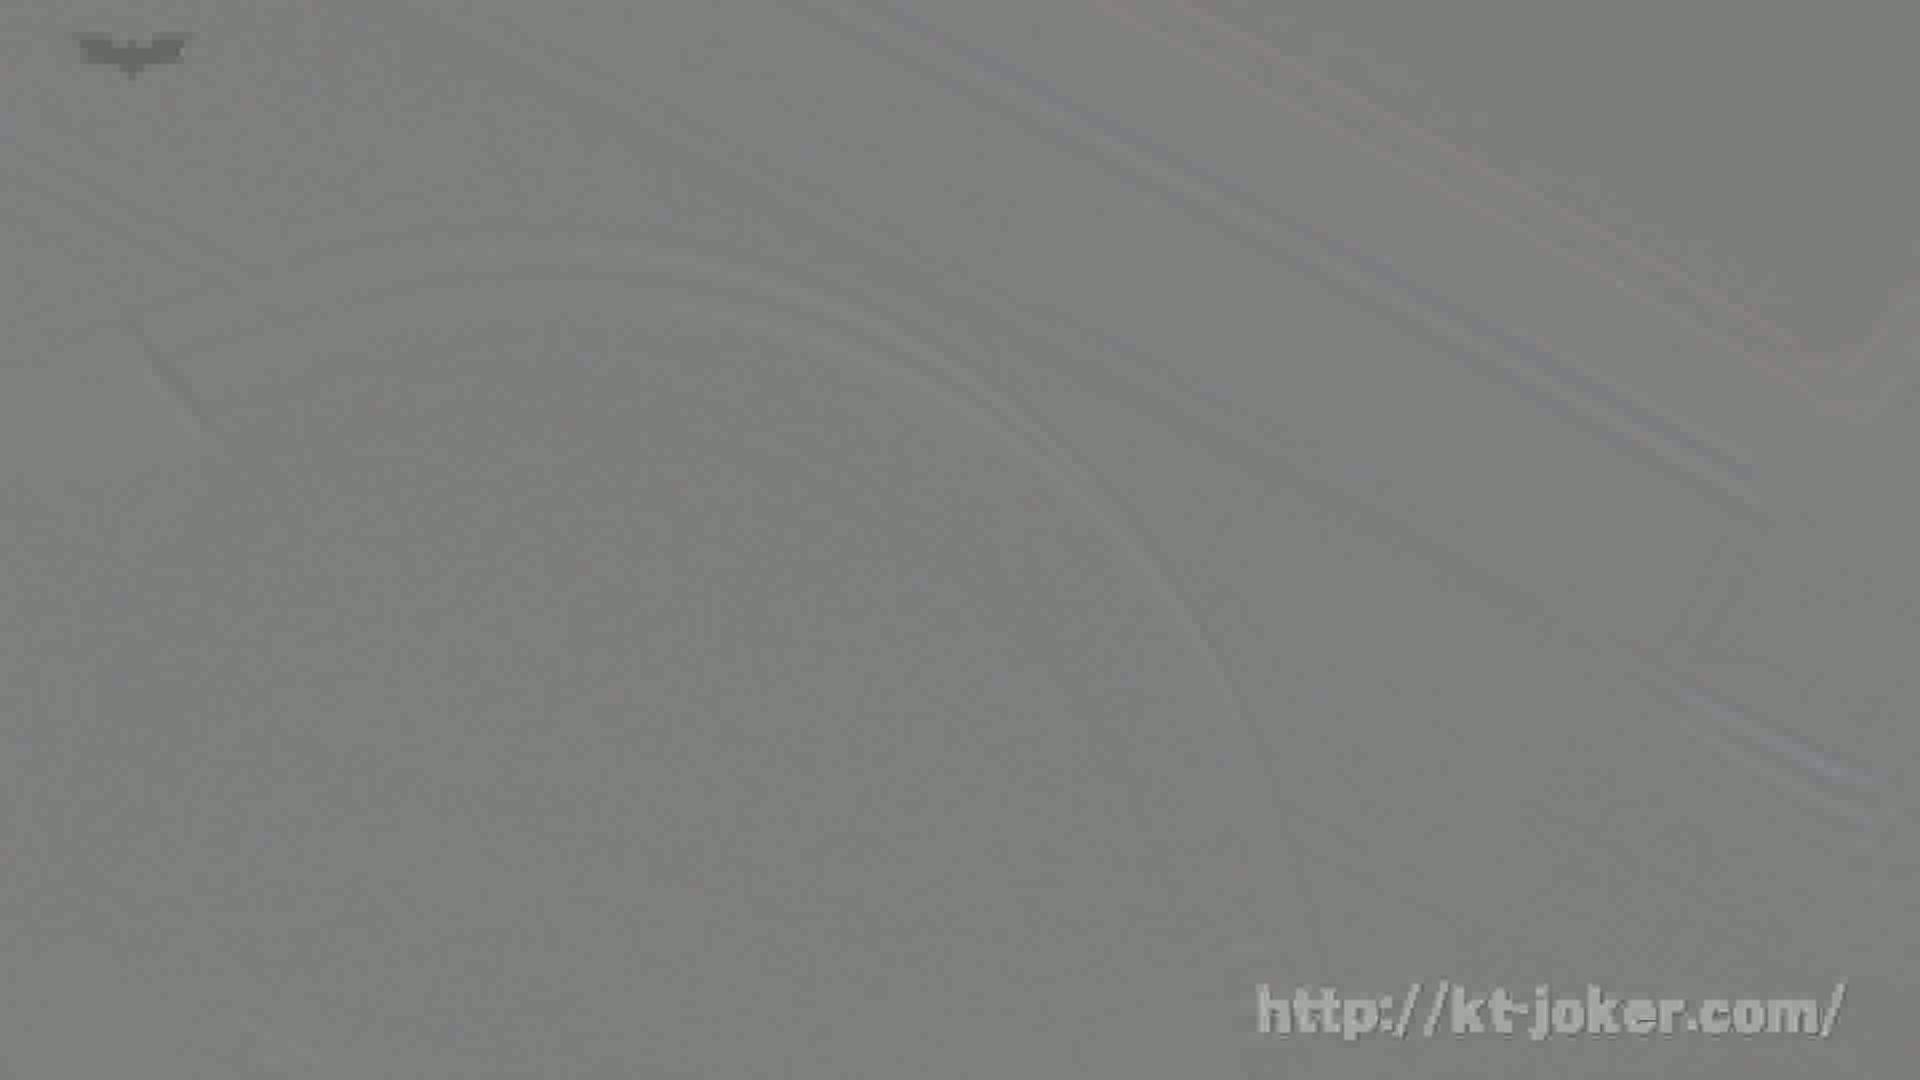 命がけ潜伏洗面所! vol.71 典型的な韓国人美女登場!! 0 | 0  17連発 13